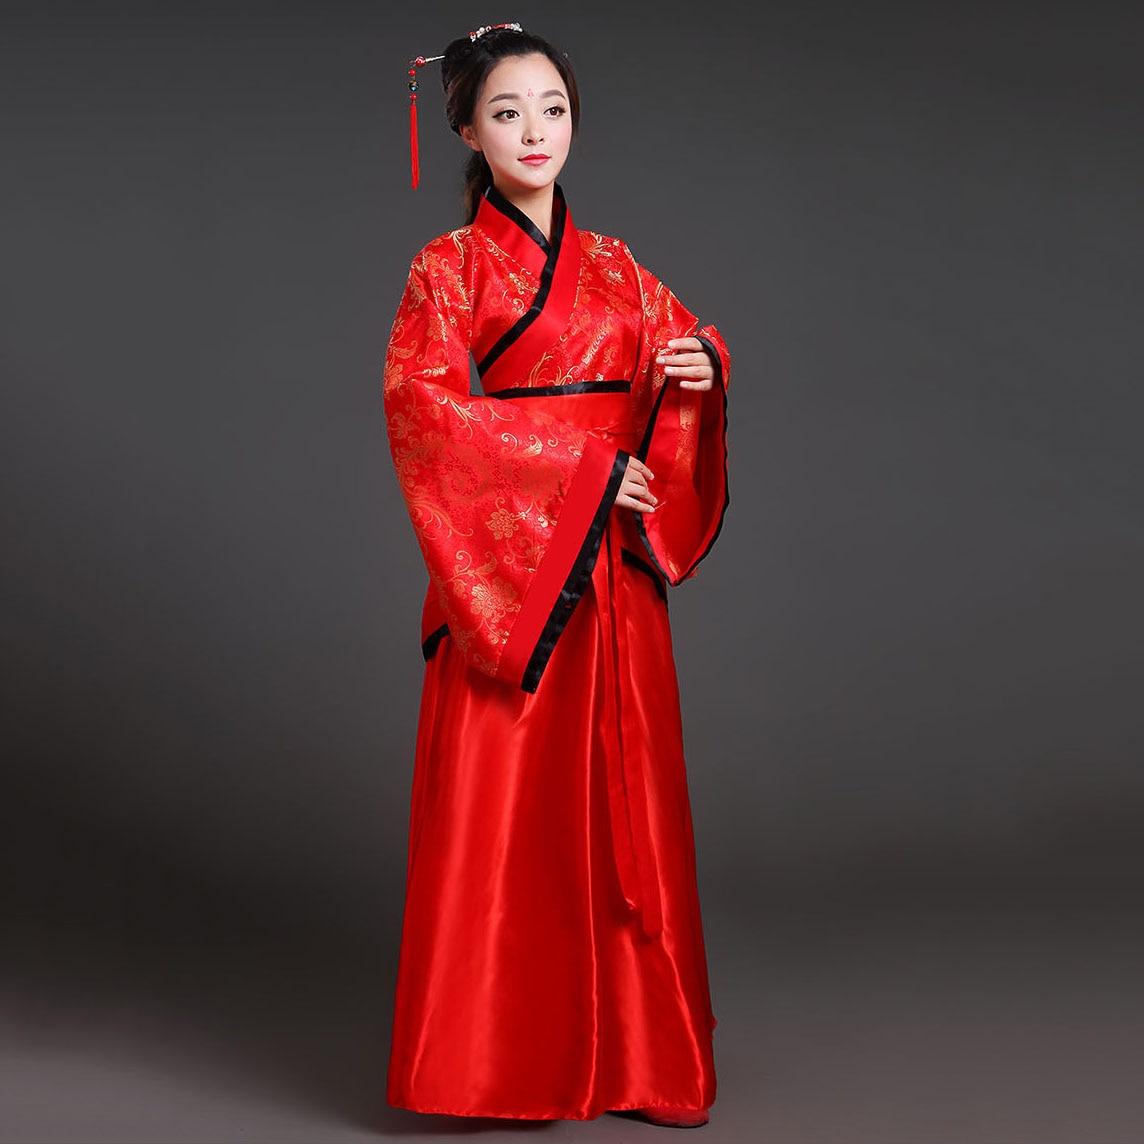 Image 2 - 2020 национальный костюм ханьфу Древний китайский Карнавальный Костюм Древний китайский Hanfu женская одежда Hanfu женское китайское платье для сценыТанцевальный костюм для китайских народный танцев    АлиЭкспресс